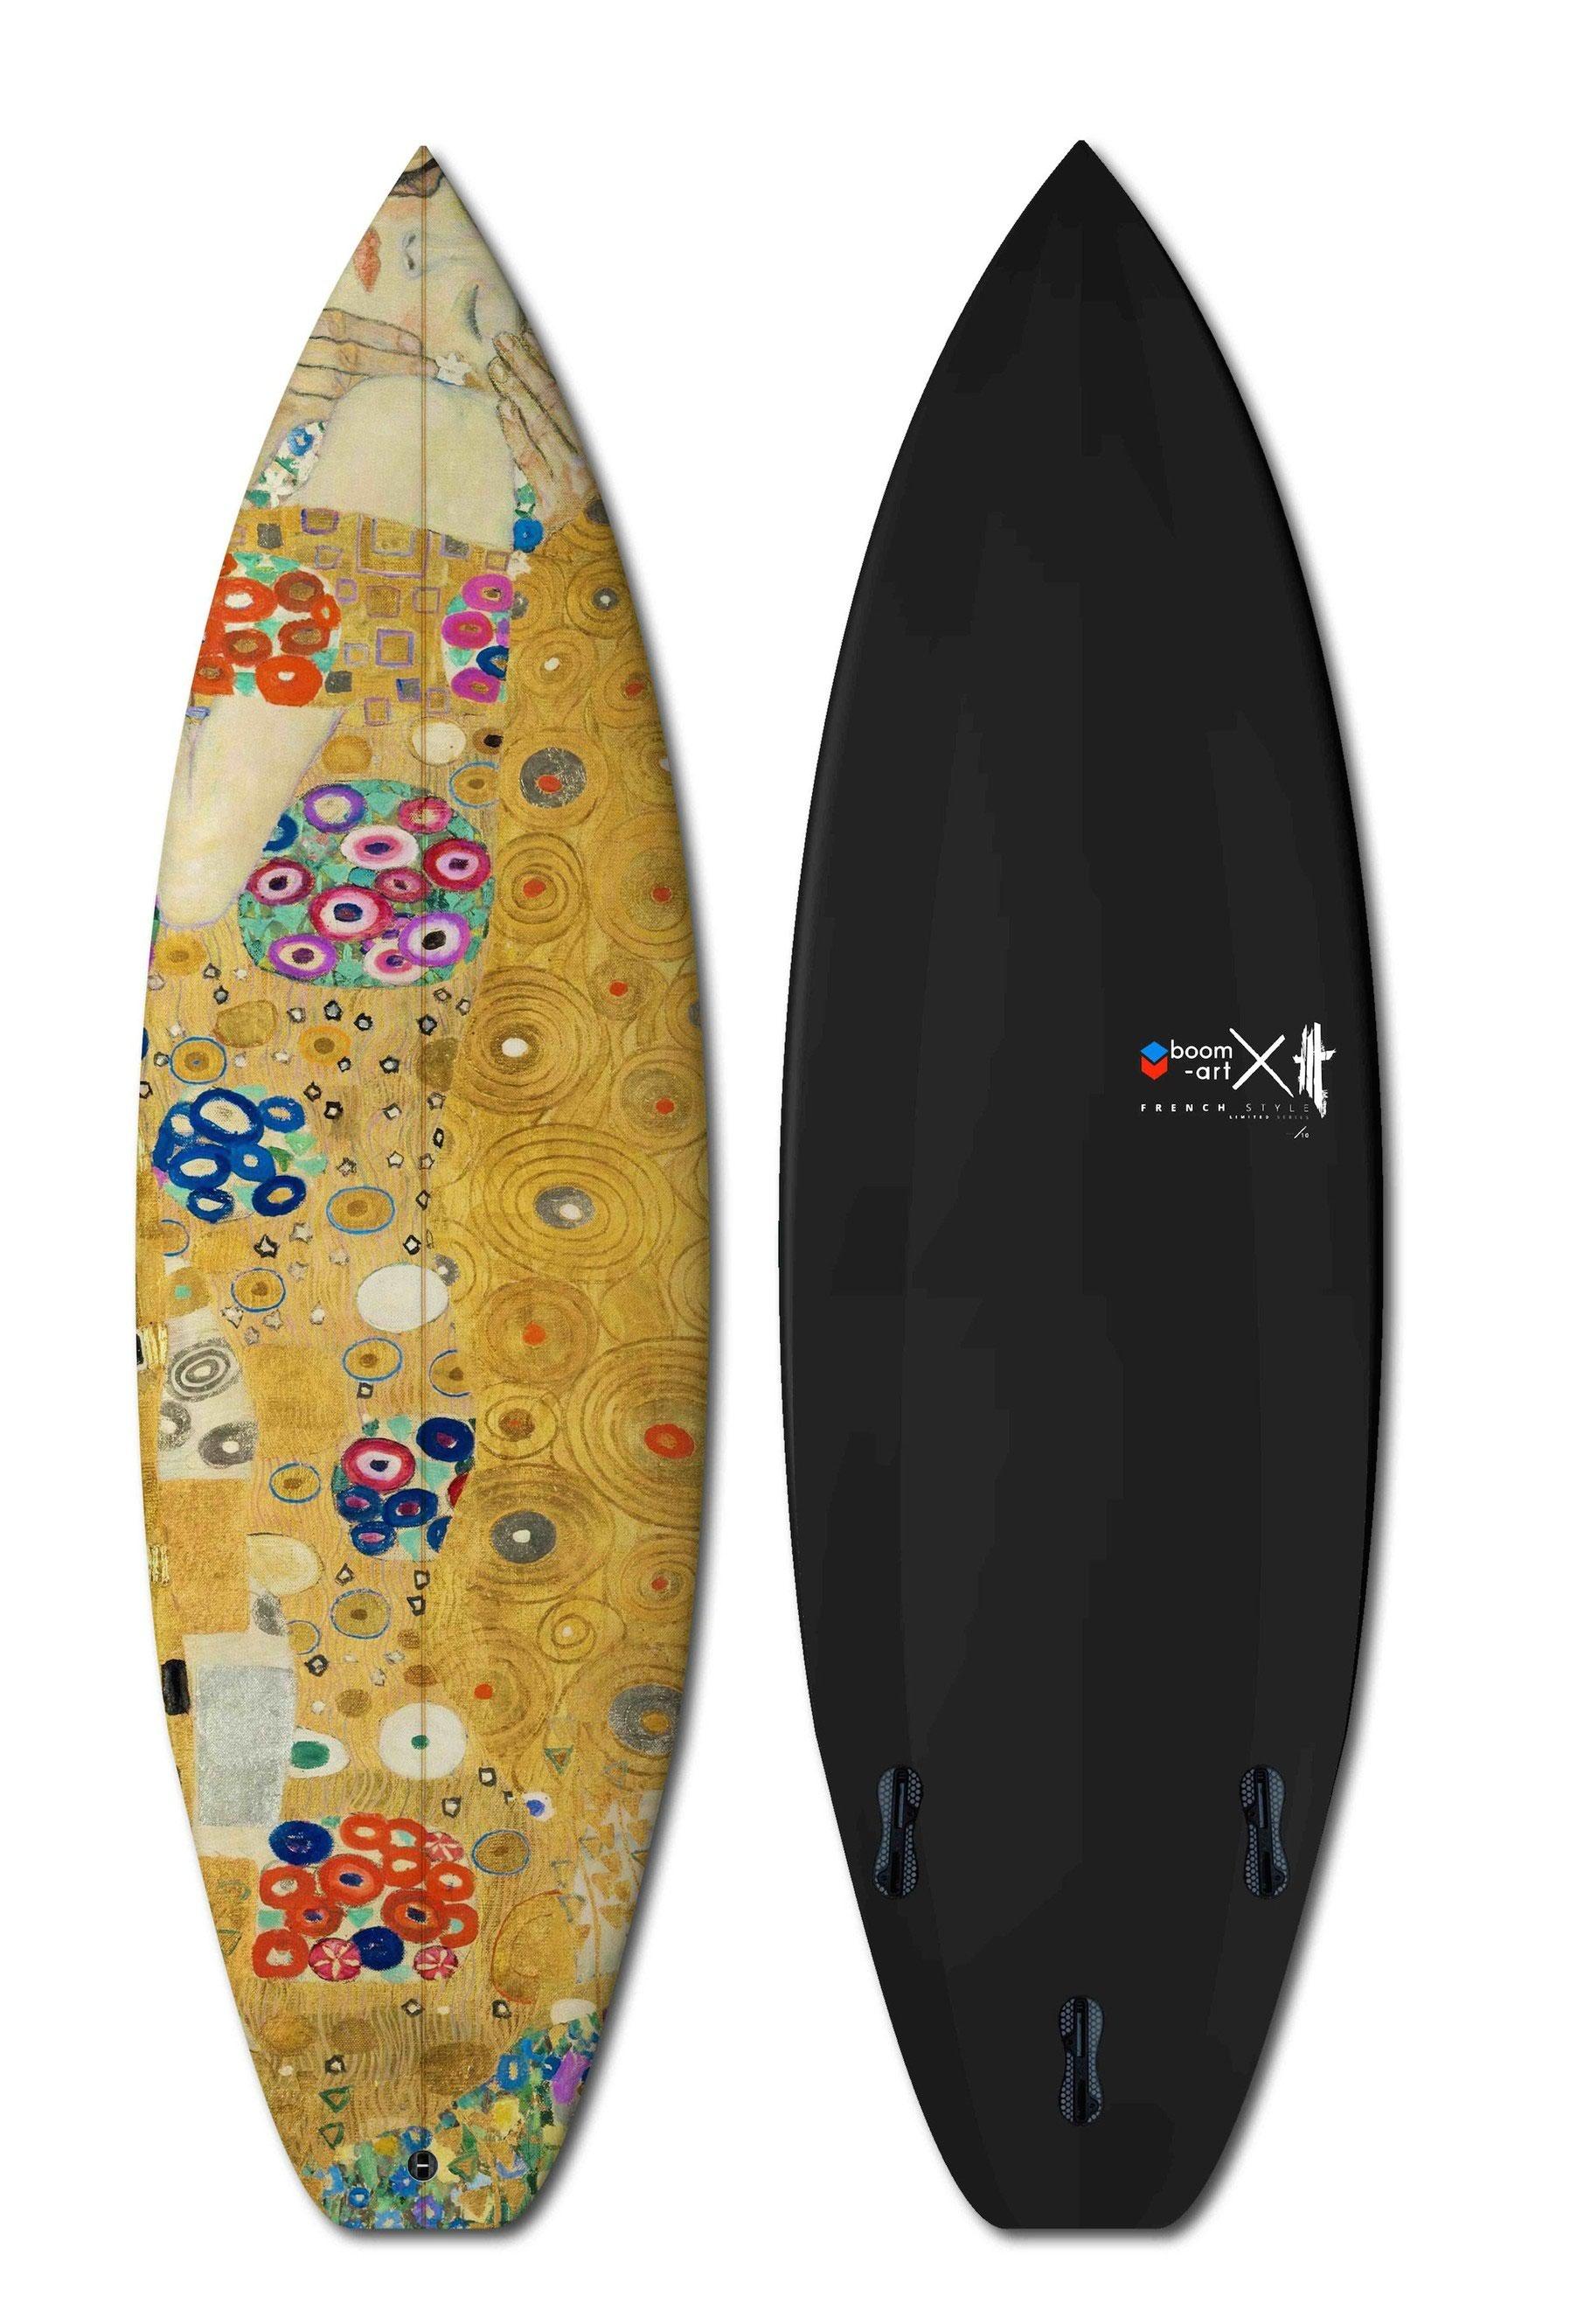 La storia dell 39 arte su una tavola da surf frizzifrizzi - Tavola da surf motorizzata prezzo ...